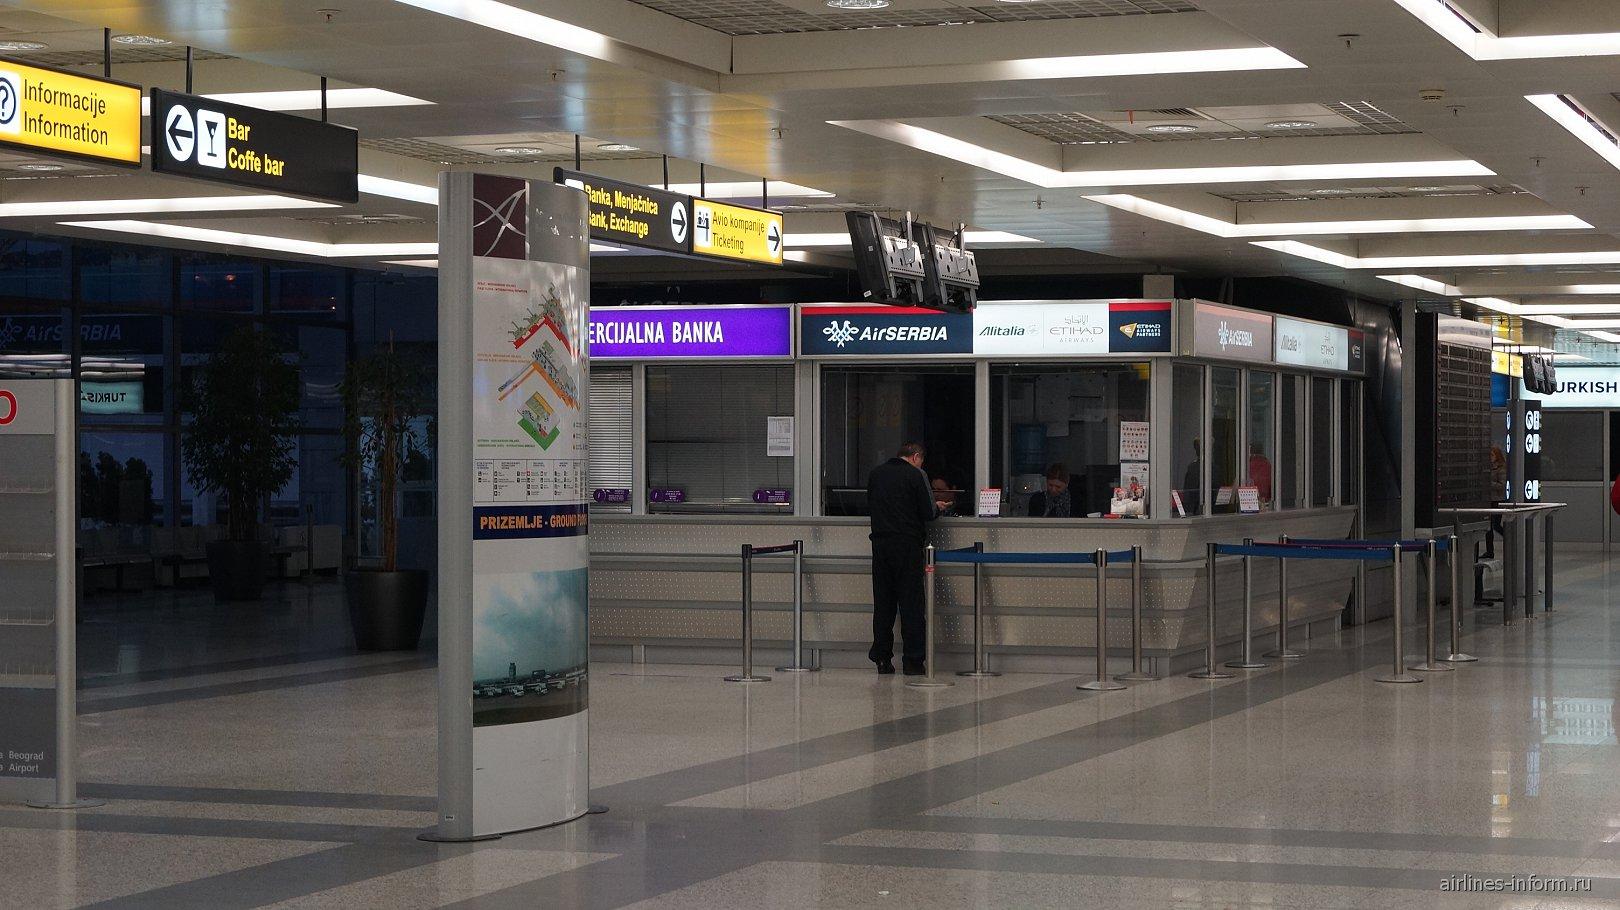 Представительства авиакомпаний в терминале 2 аэропорта Белград Никола Тесла